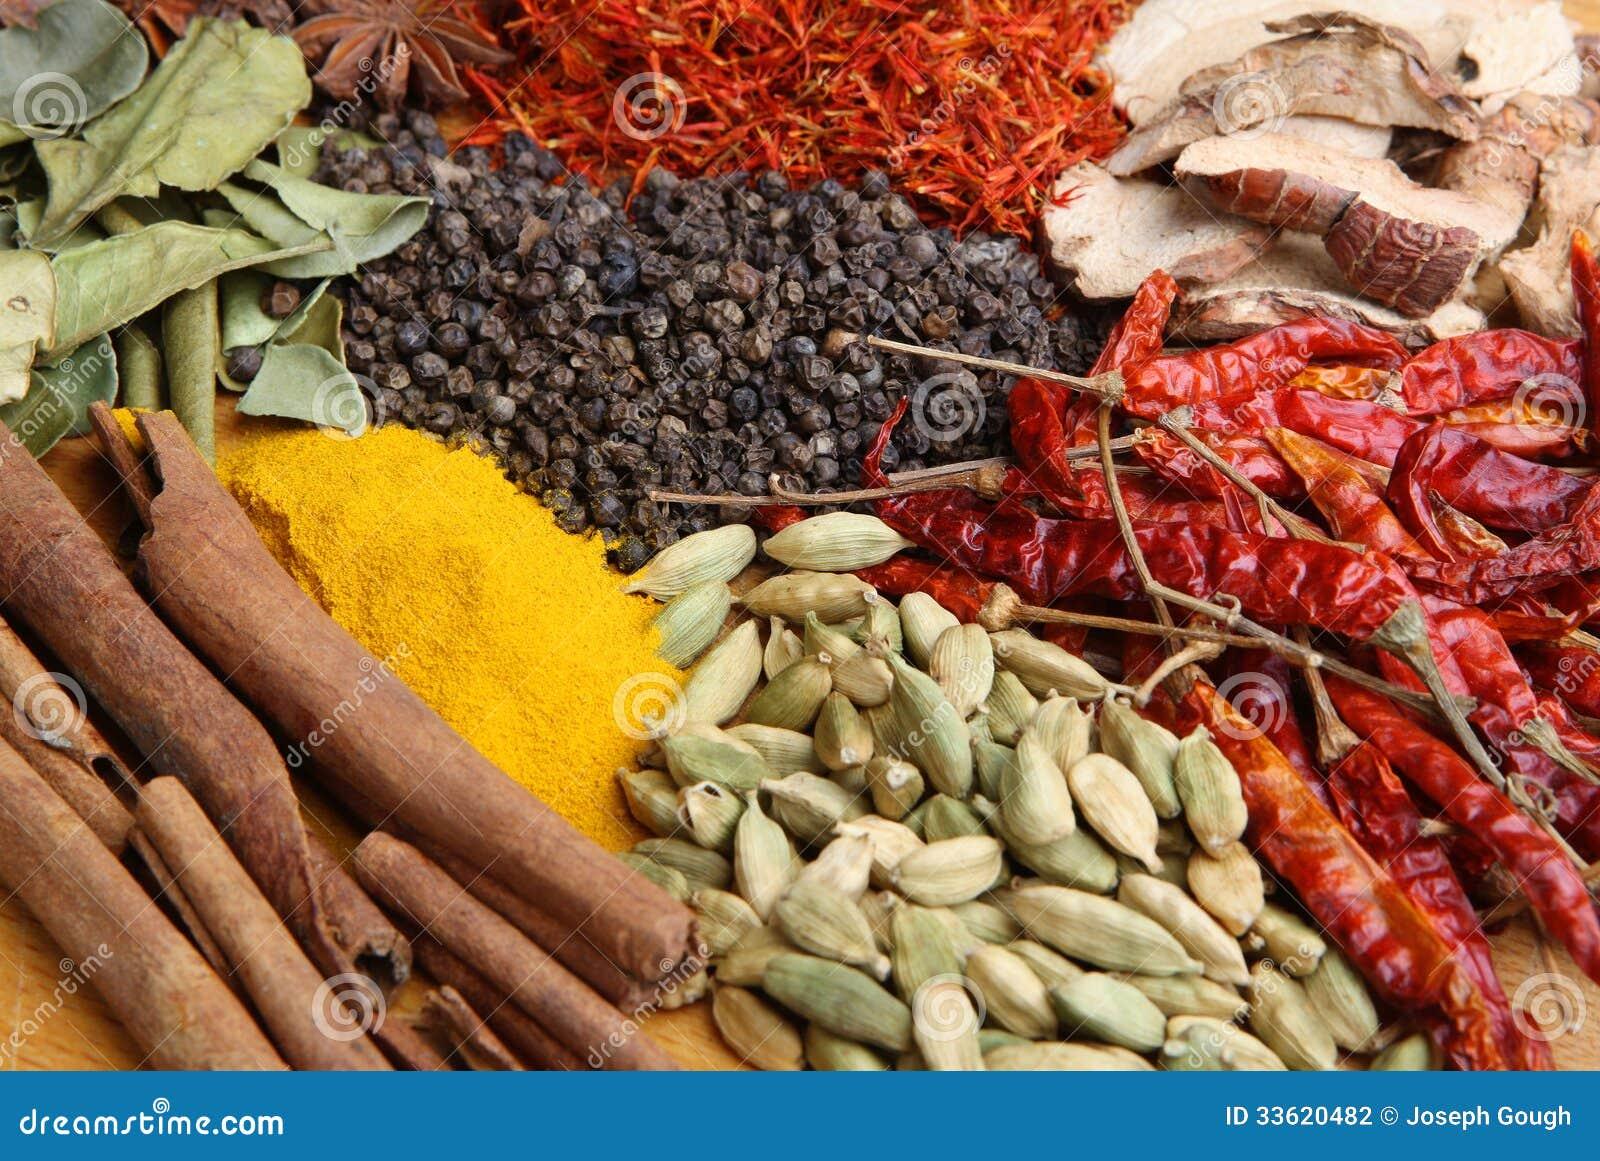 indische kochen gew rze und lebensmittelinhaltsstoffe stockfotografie bild 33620482. Black Bedroom Furniture Sets. Home Design Ideas